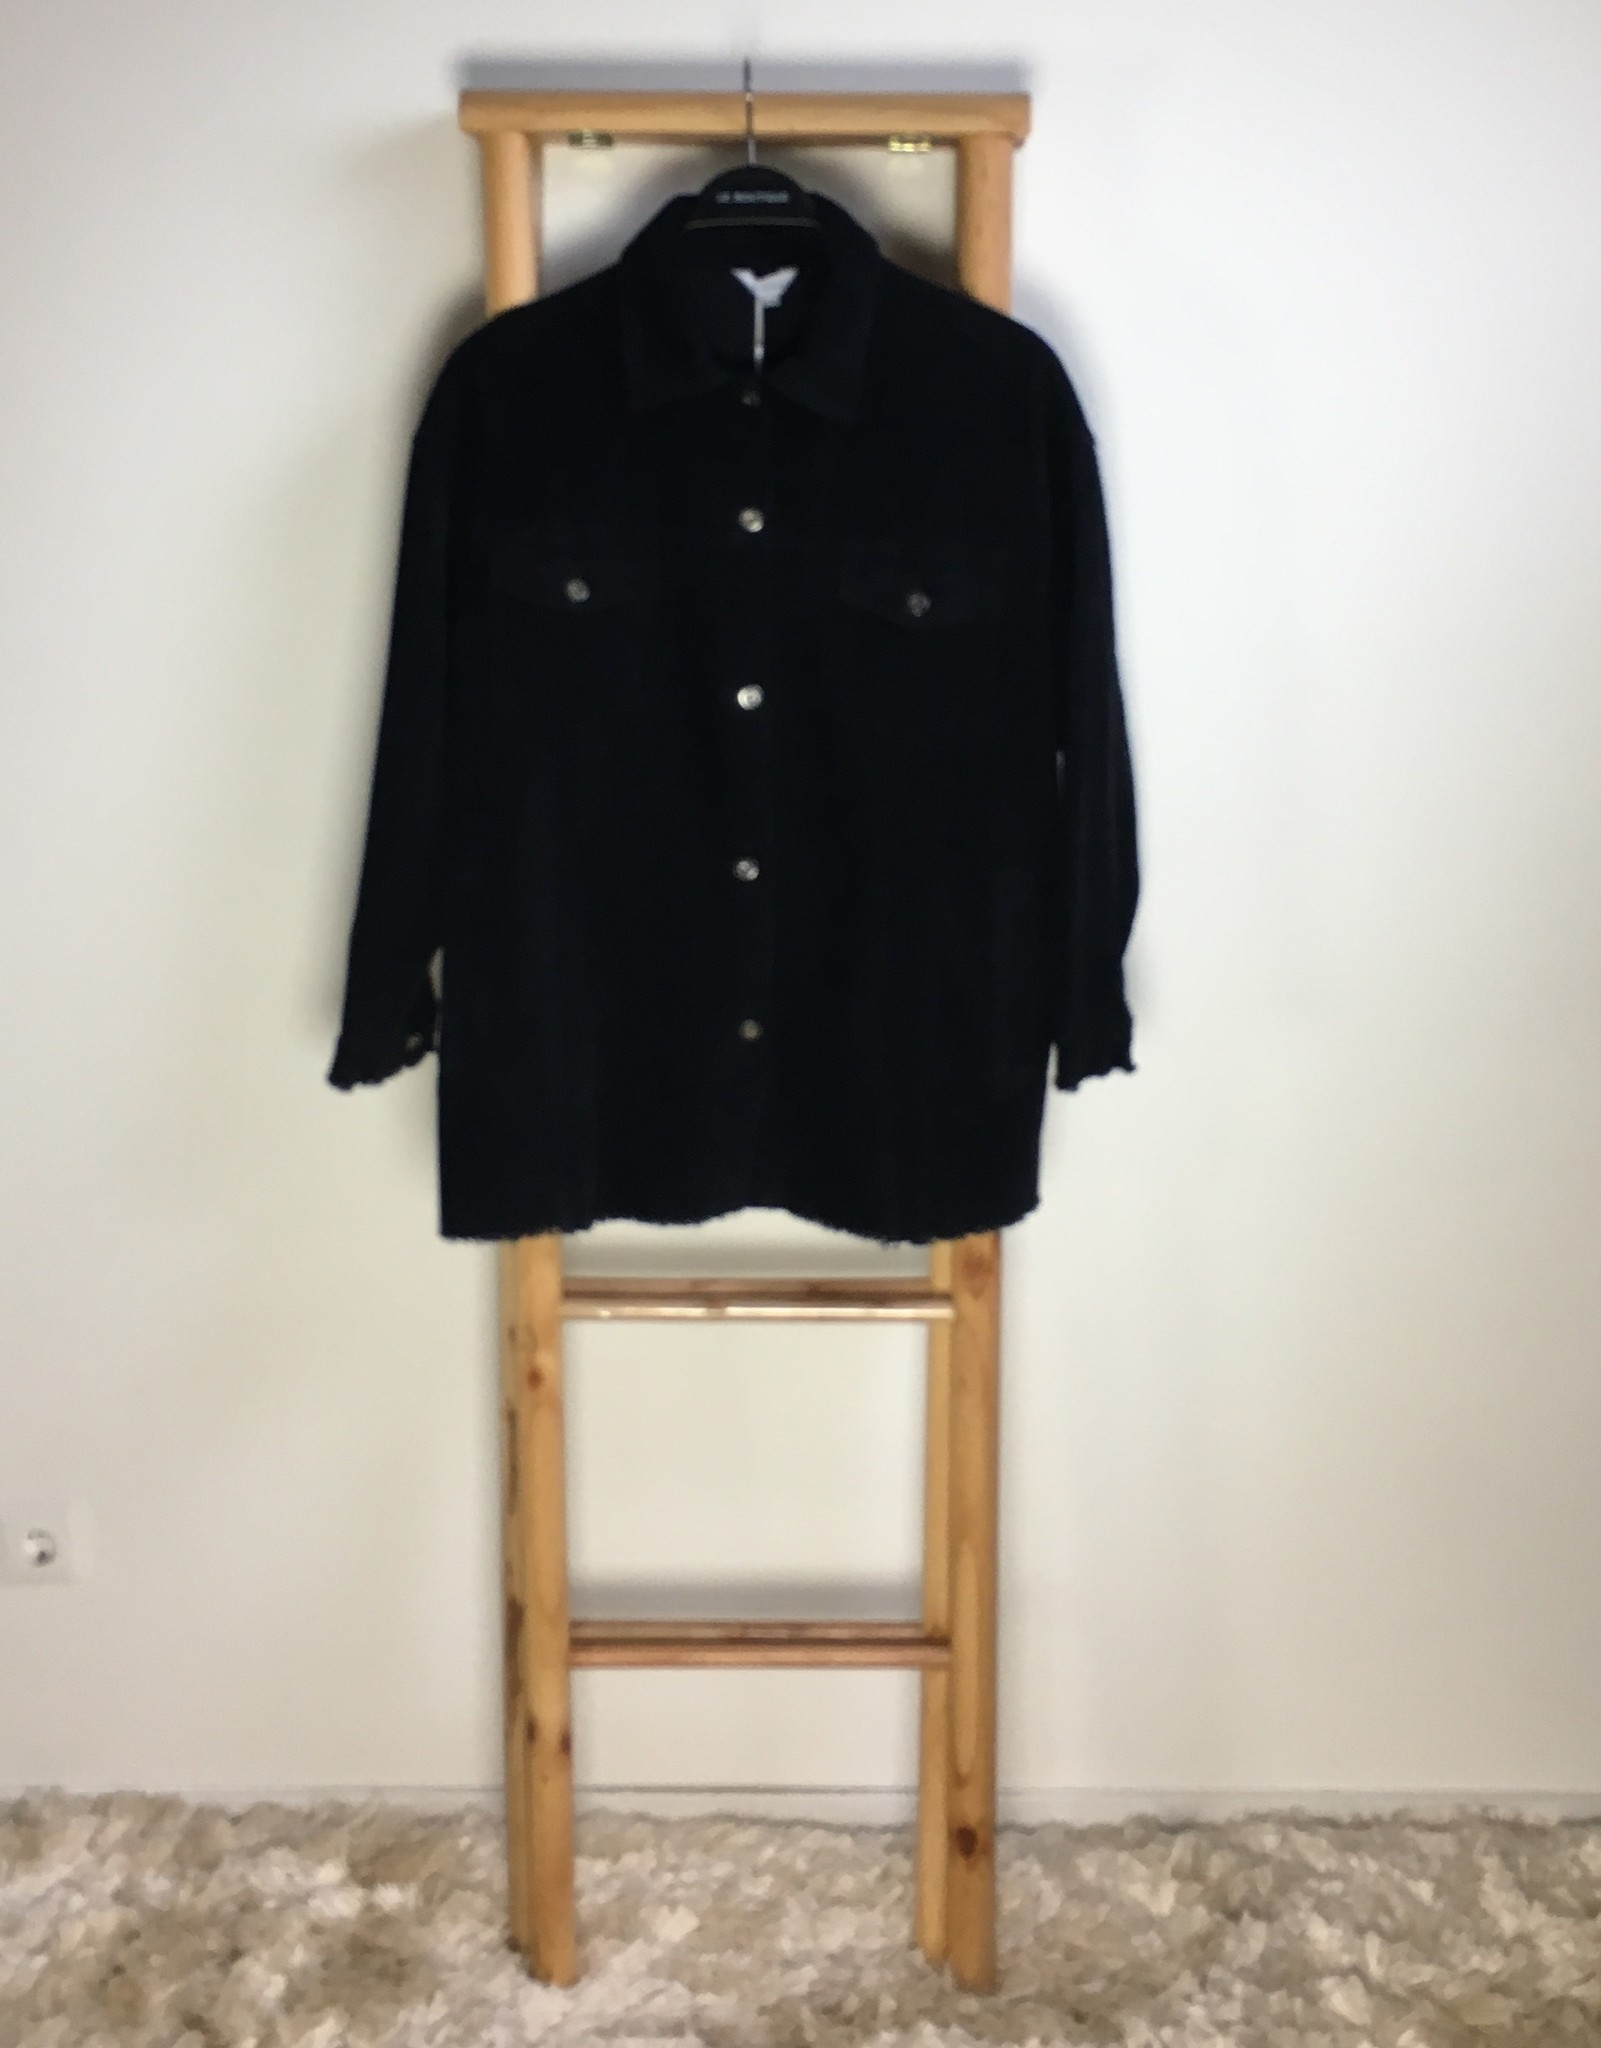 Curduroy Jacket riomaggiore black